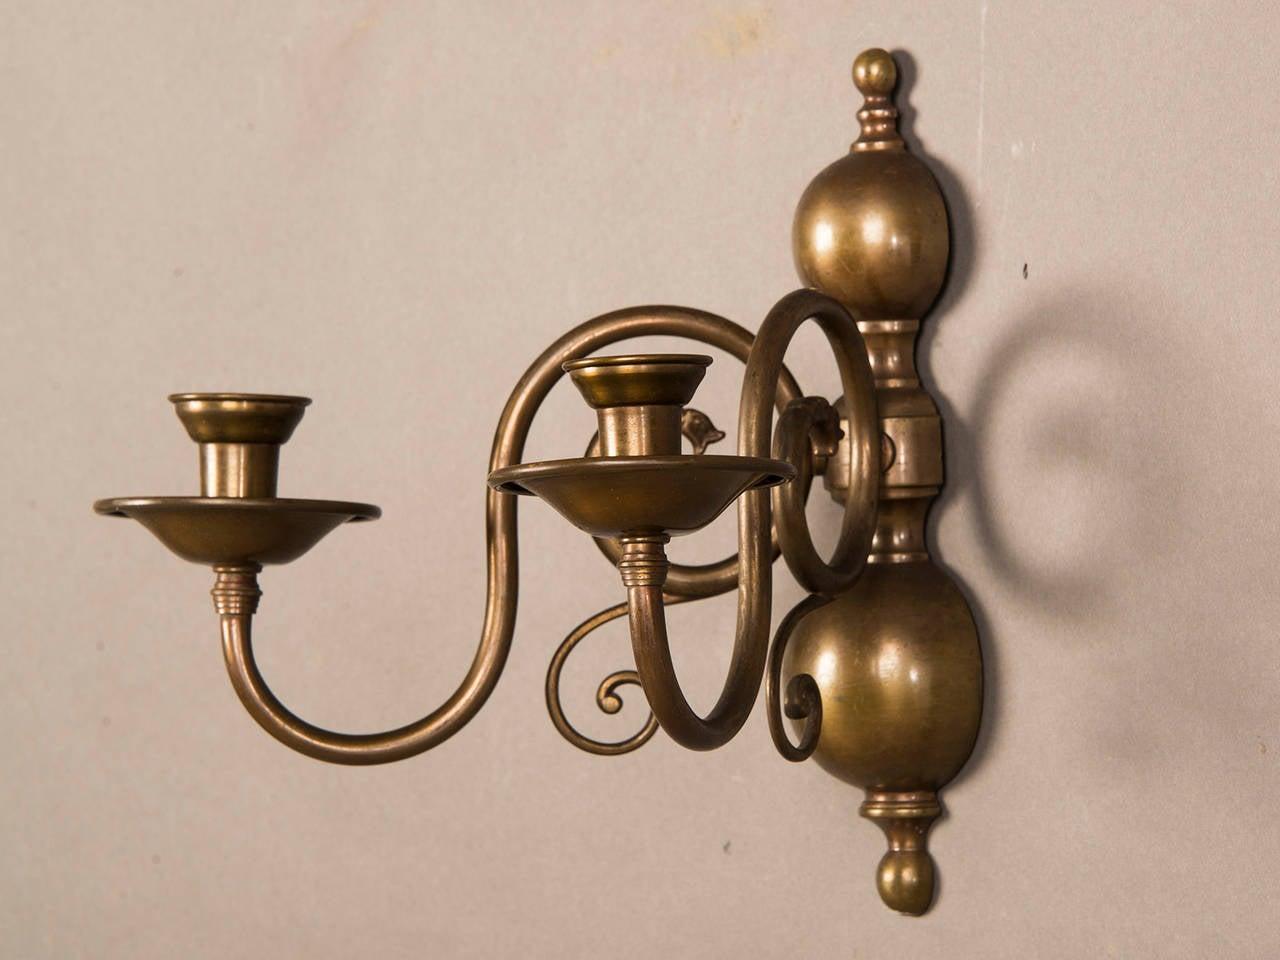 Pair of Two Antique Dutch Arm Bronze Sconces circa 1920 For Sale 2